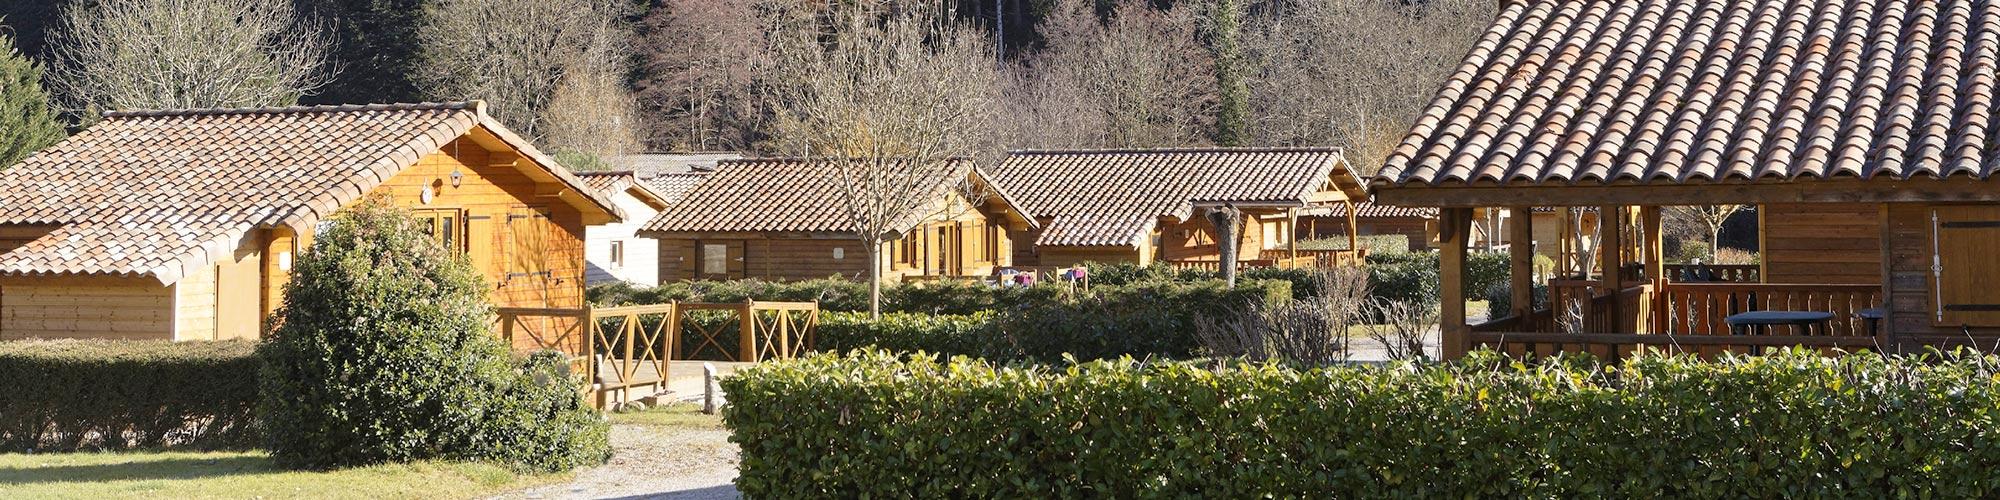 TAILLADE DE MONTSEGUR locations vacances Sud France, de type chalet en bois en Ariège dans les pyrénées chalet en ariège dans les pyrénées